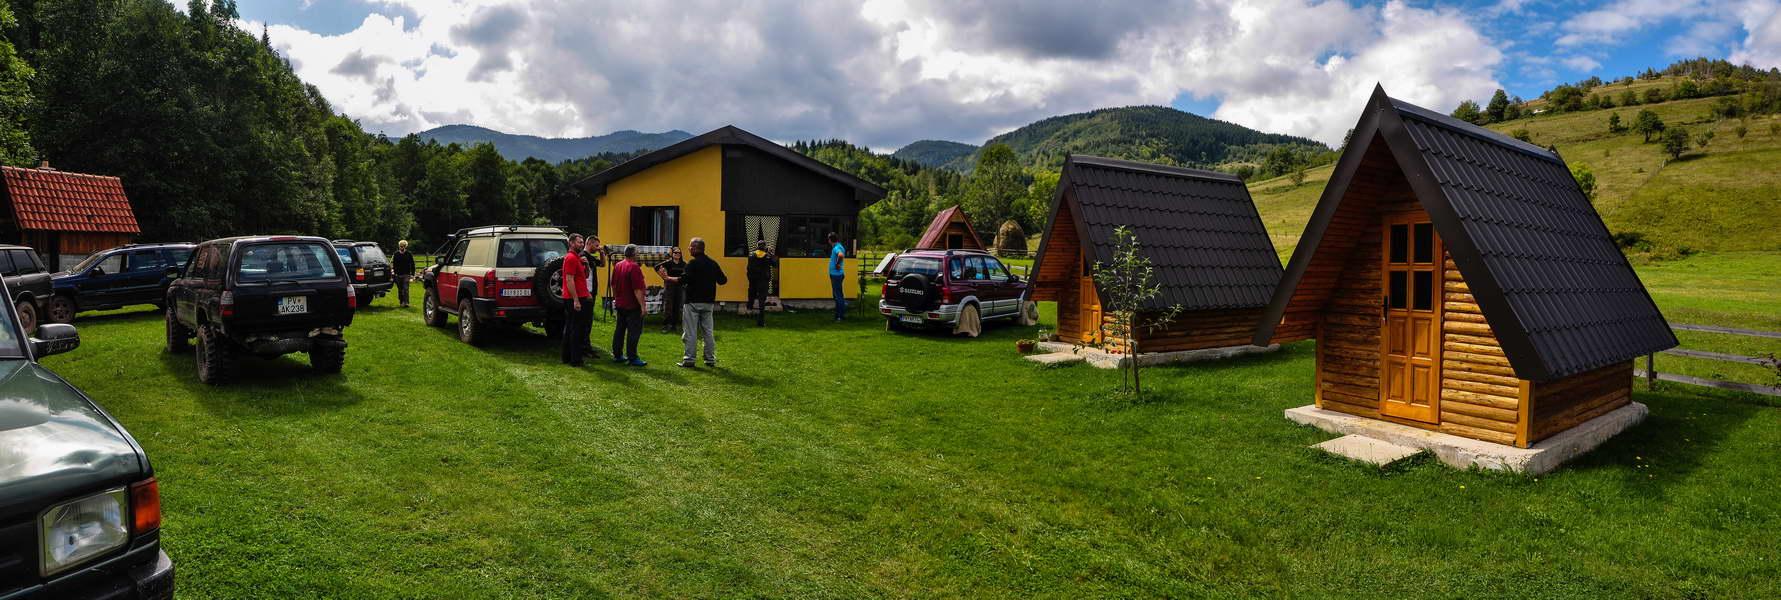 Domaćini su nam pokazali i svoje bungalove za goste